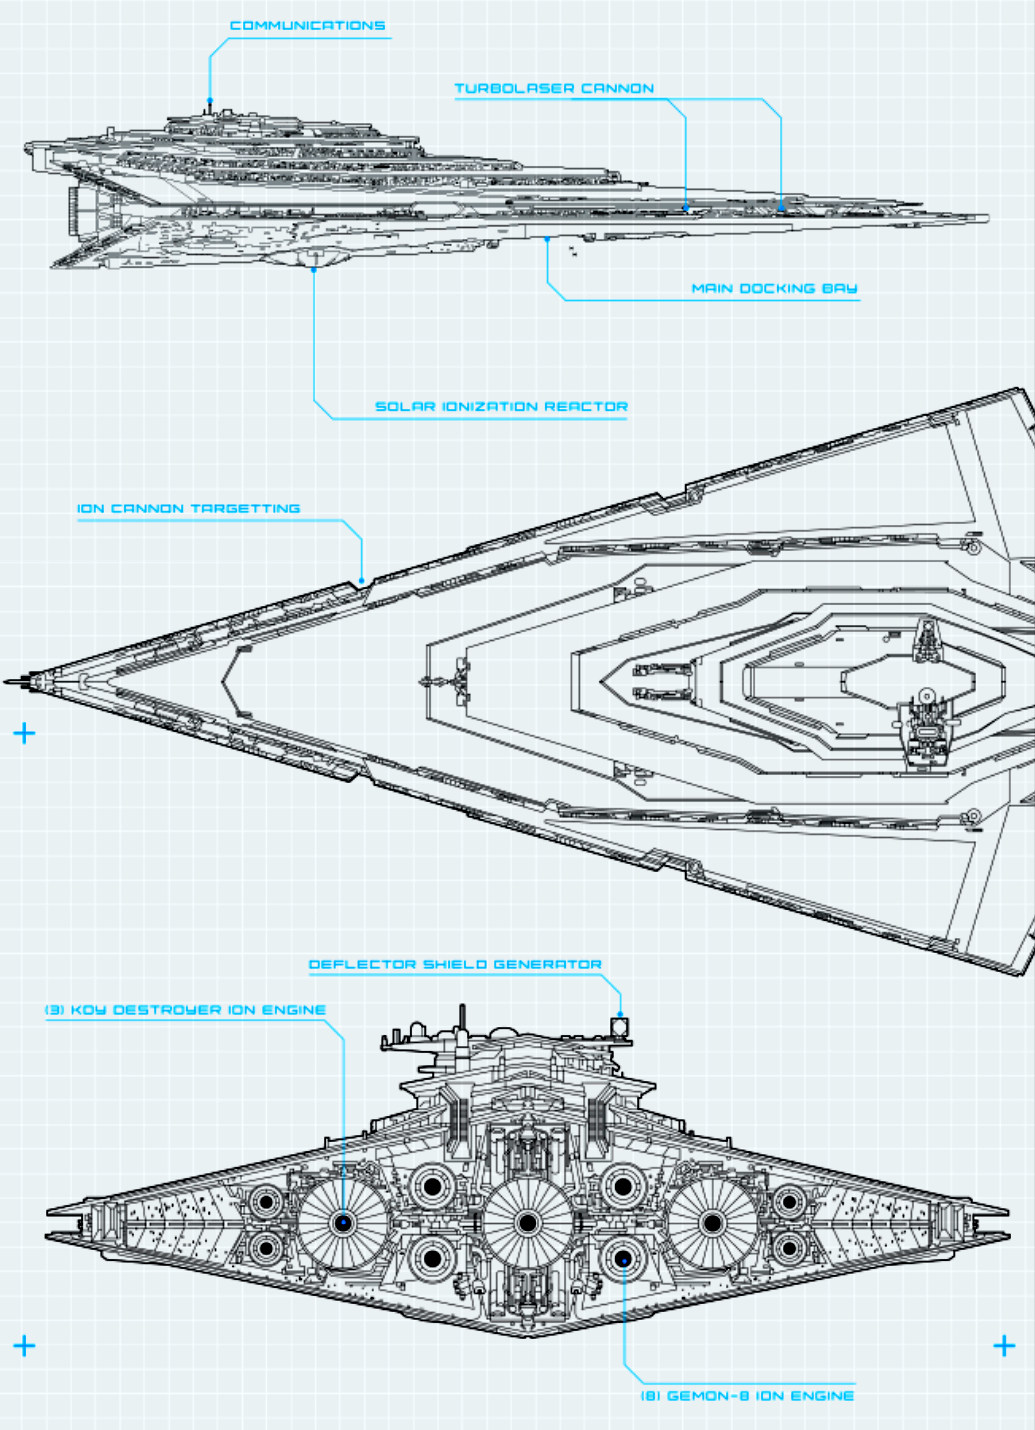 Star Destroyer Schematic Cannon Location Great Installation Of Free Download Wiring Diagram Image Resurgent Class Schematics Sw Card Trader Rh Starwars Wikia Com